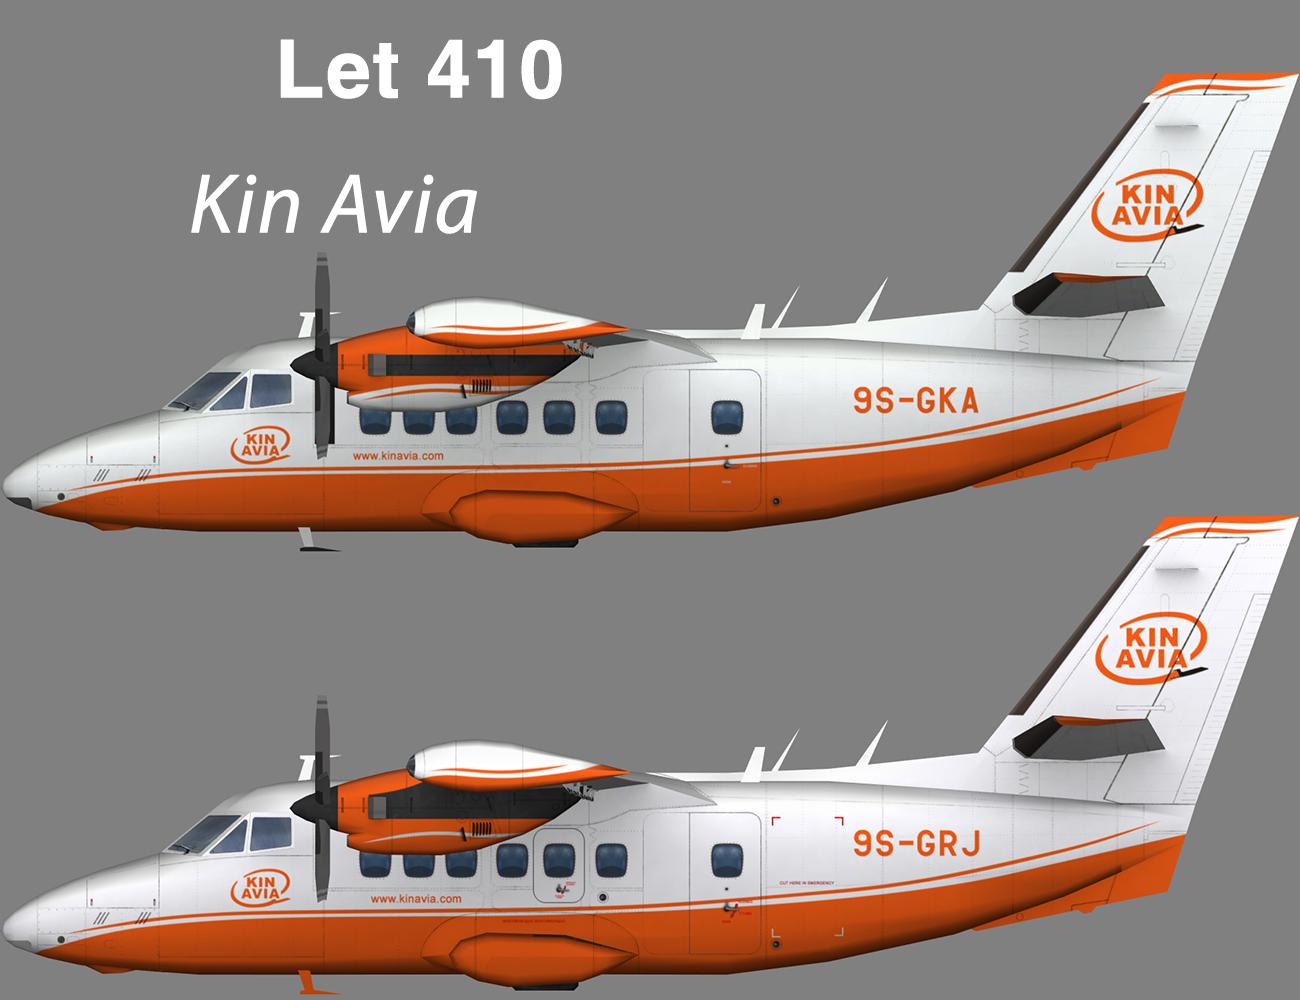 Kin Avia Let 410 – Nils